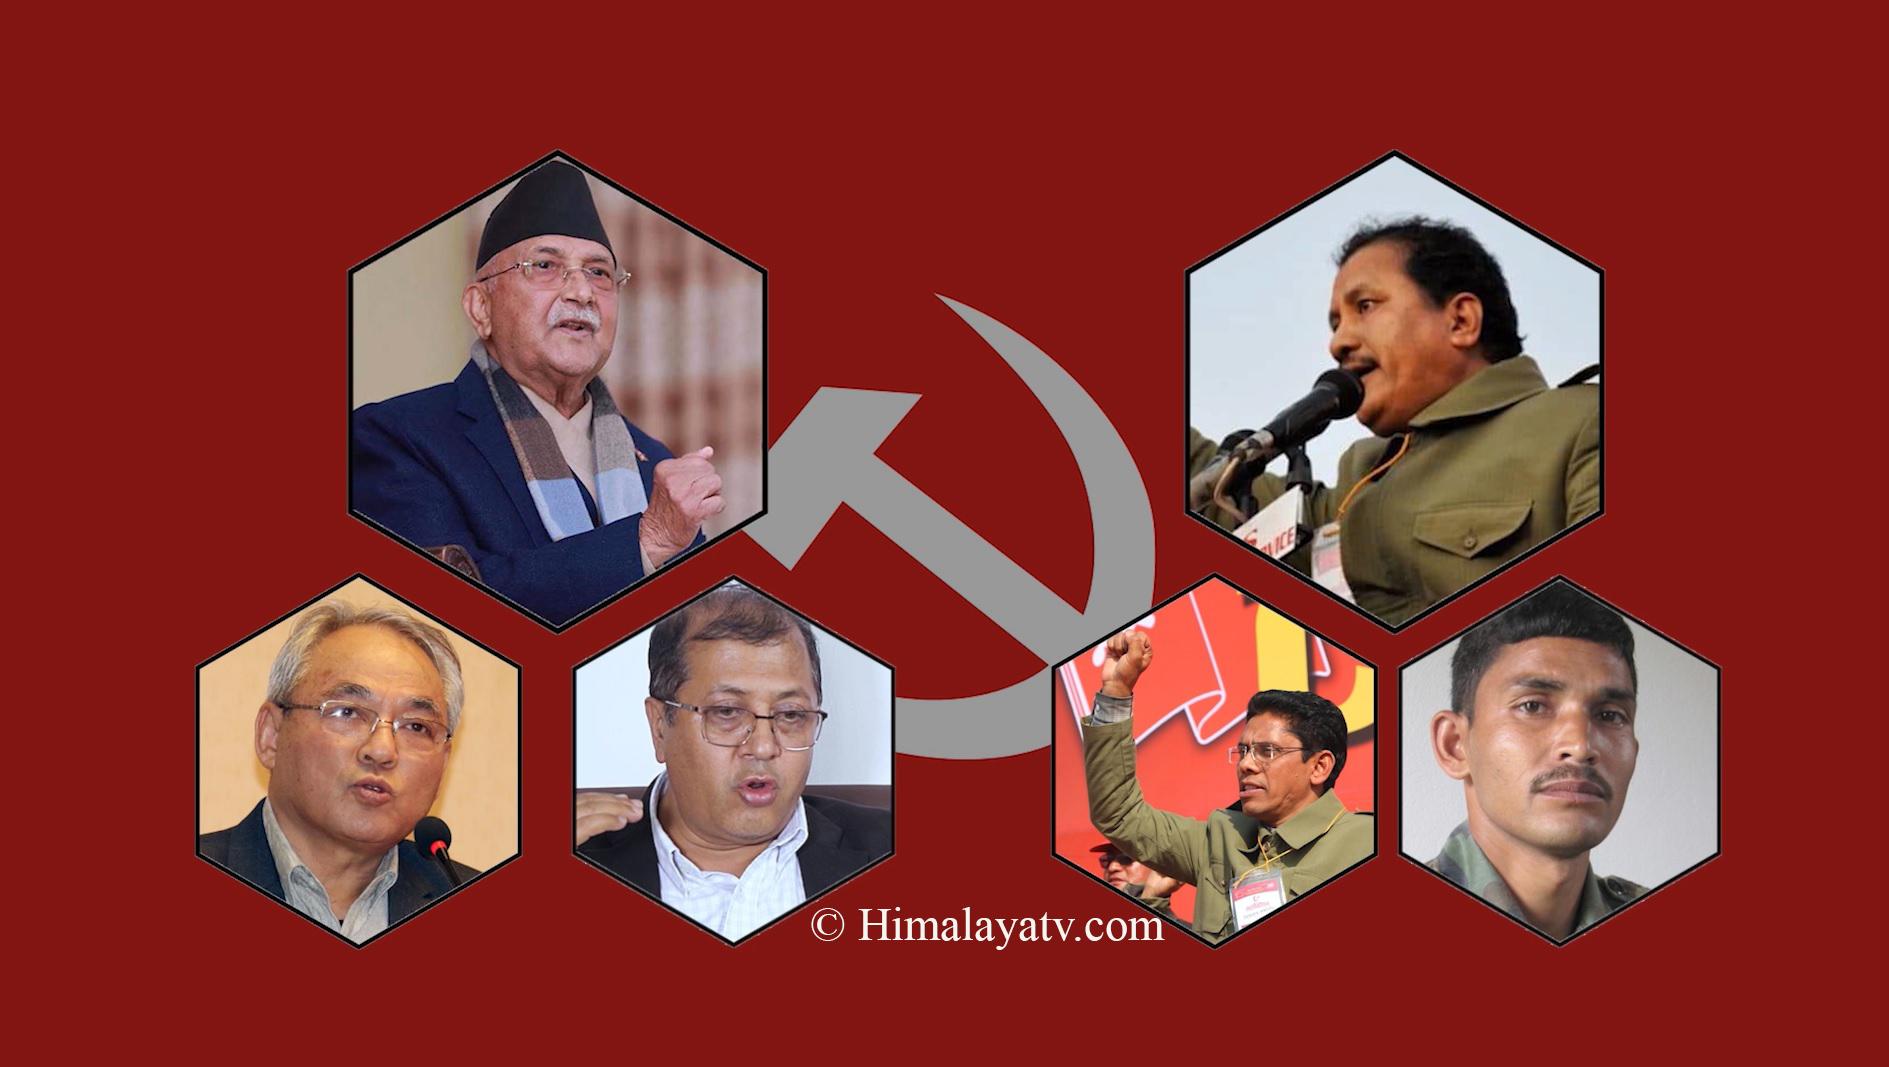 सरकार–विप्लव समूह वार्ता : कांग्रेस र प्रचण्ड–नेपाल समूहको आयो यस्तो प्रतिक्रिया (भिडियो रिपोर्टसहित)